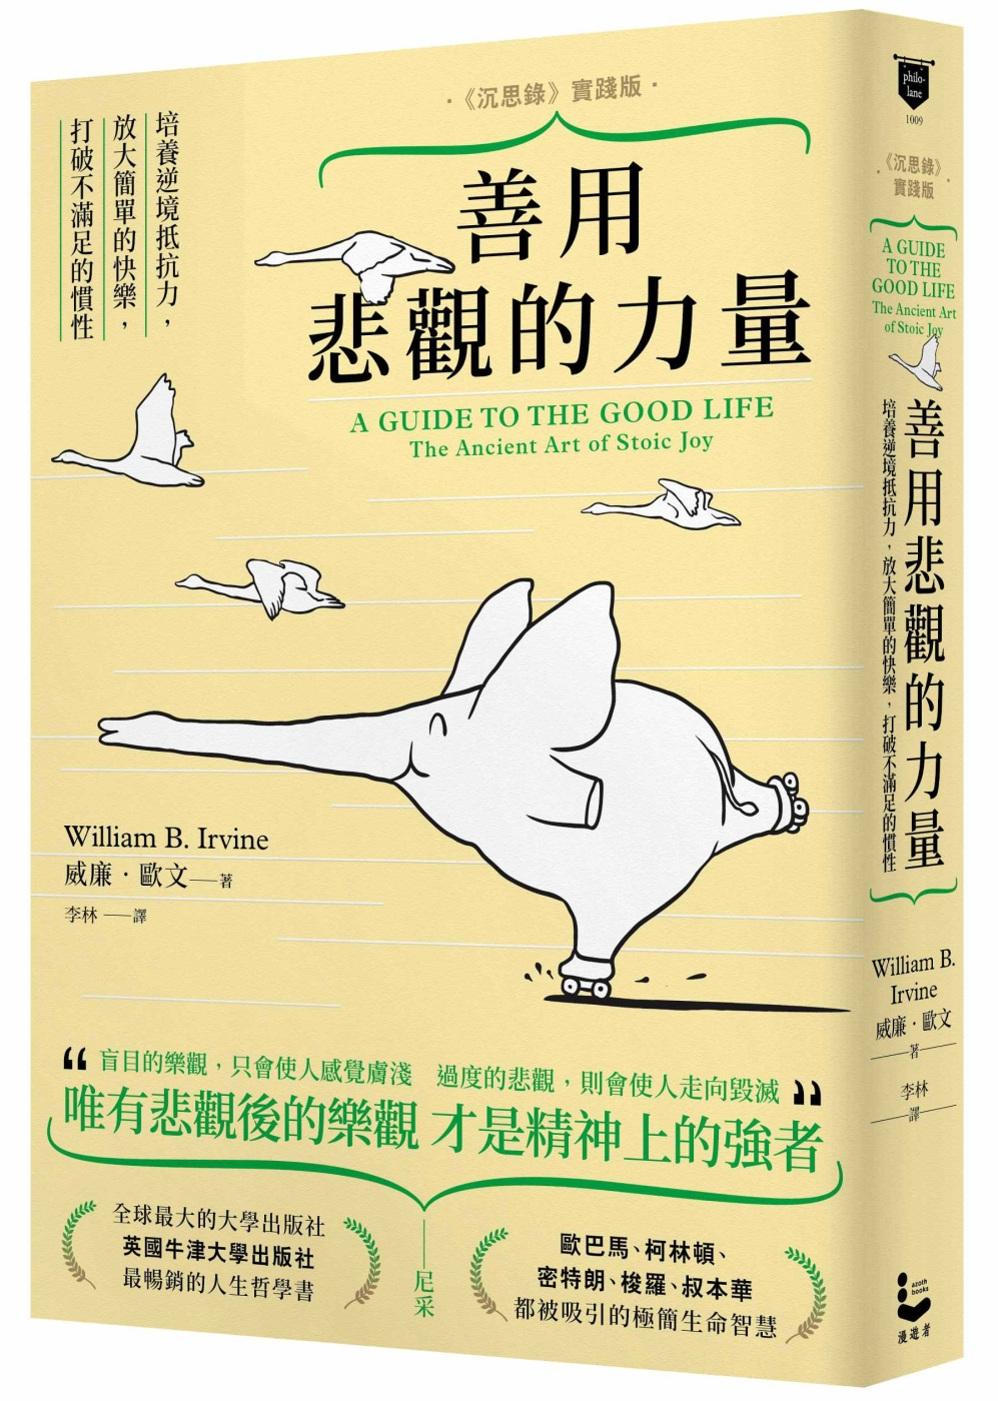 《善用悲觀的力量:培養逆境抵抗力,放大簡單的快樂,打破不滿足的慣性(《沉思錄》實踐版)》 商品條碼,ISBN:9789864892150